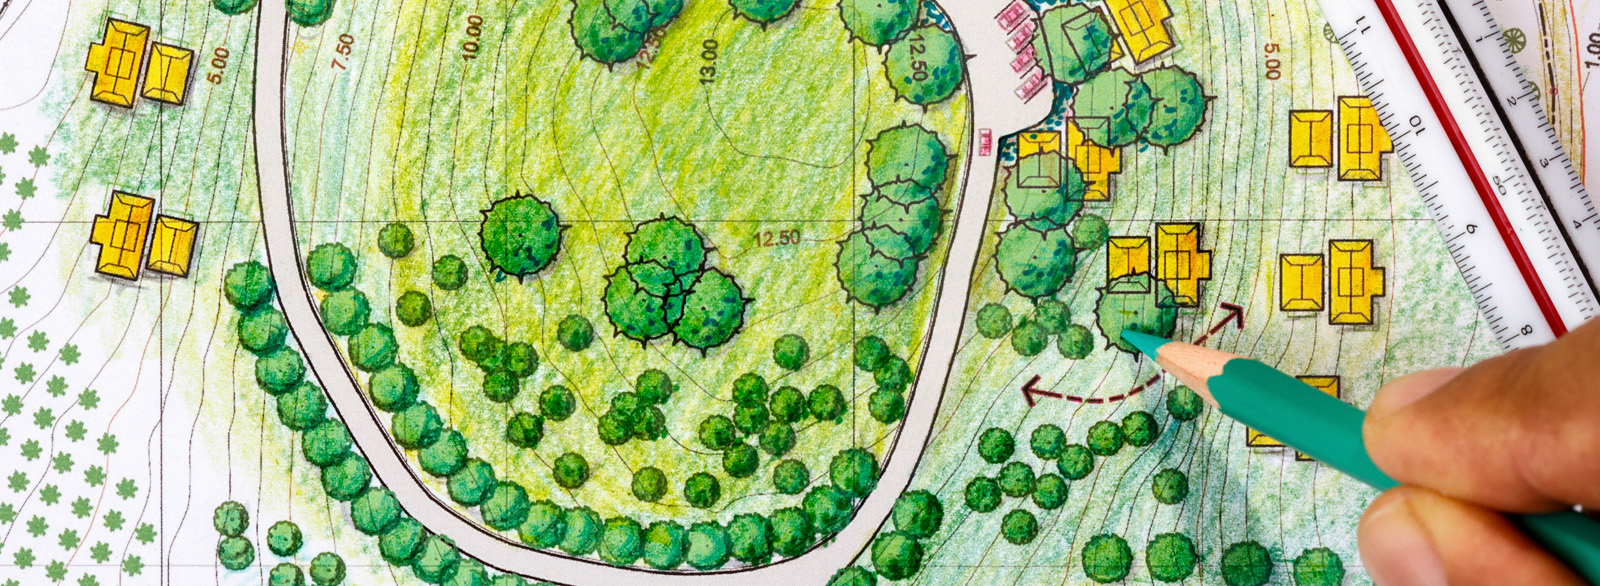 Jardinieria y paisajismo curso de paisajismo dsigno for Cursos de jardineria y paisajismo gratis